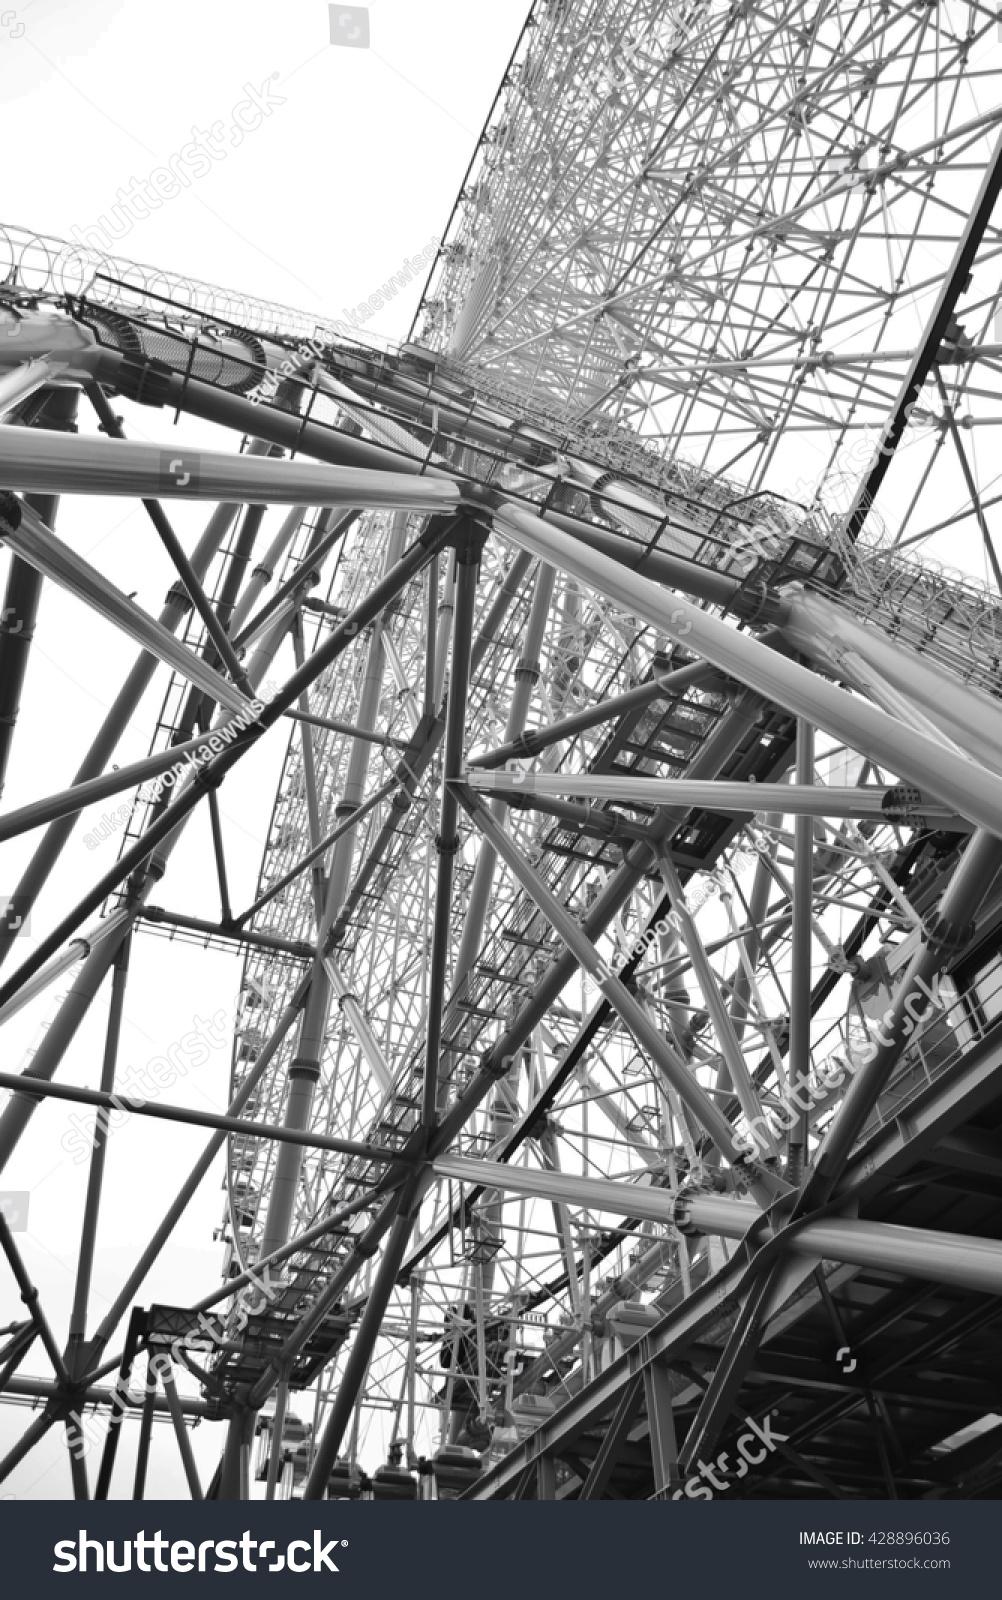 Steel Scaffolding Japan : Ferris whee osaka japan stock photo shutterstock